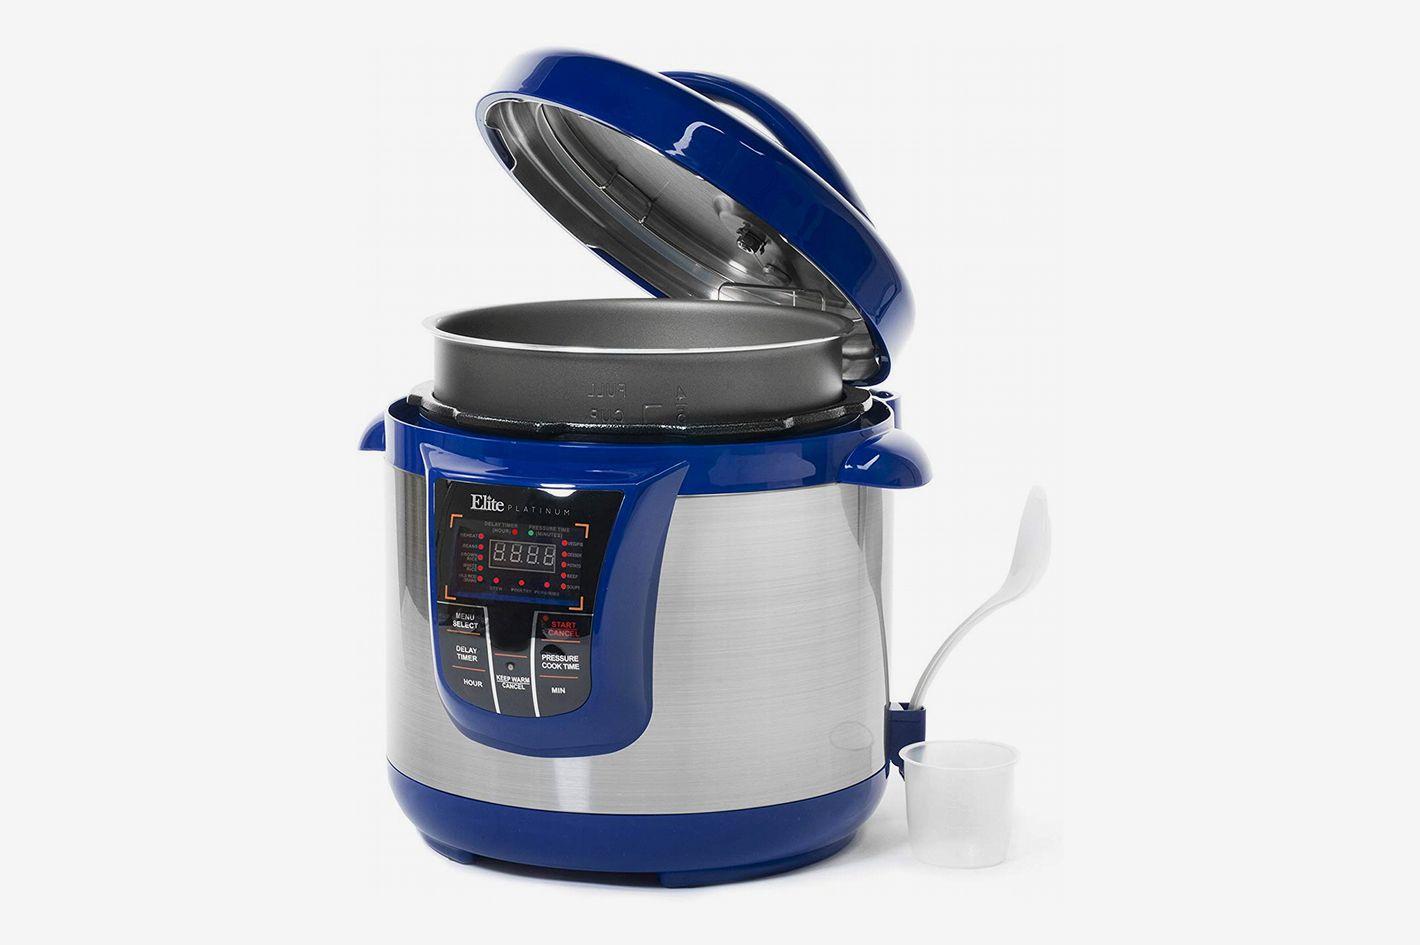 Elite Platinum 8 Quart 14-in-1 Multi-Use Programmable Pressure Cooker